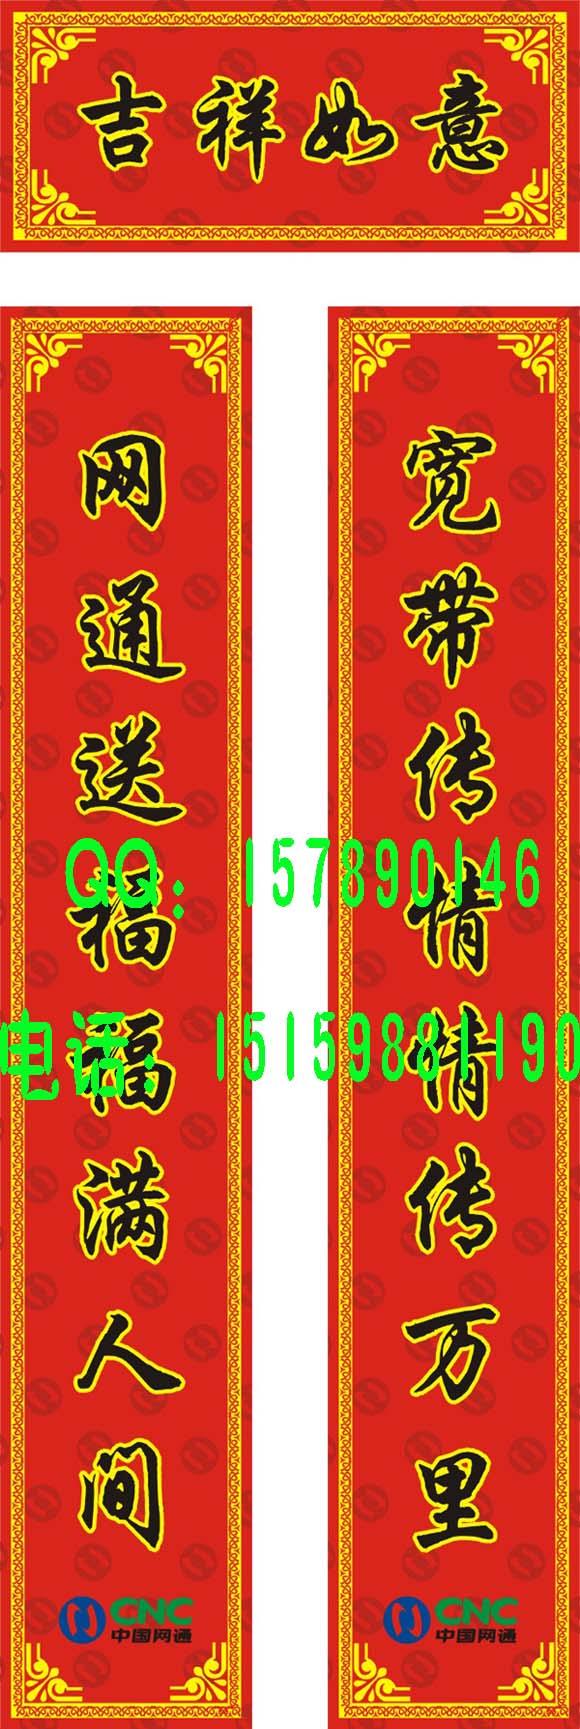 中国 周历/生产厂家:超级星广告用品厂